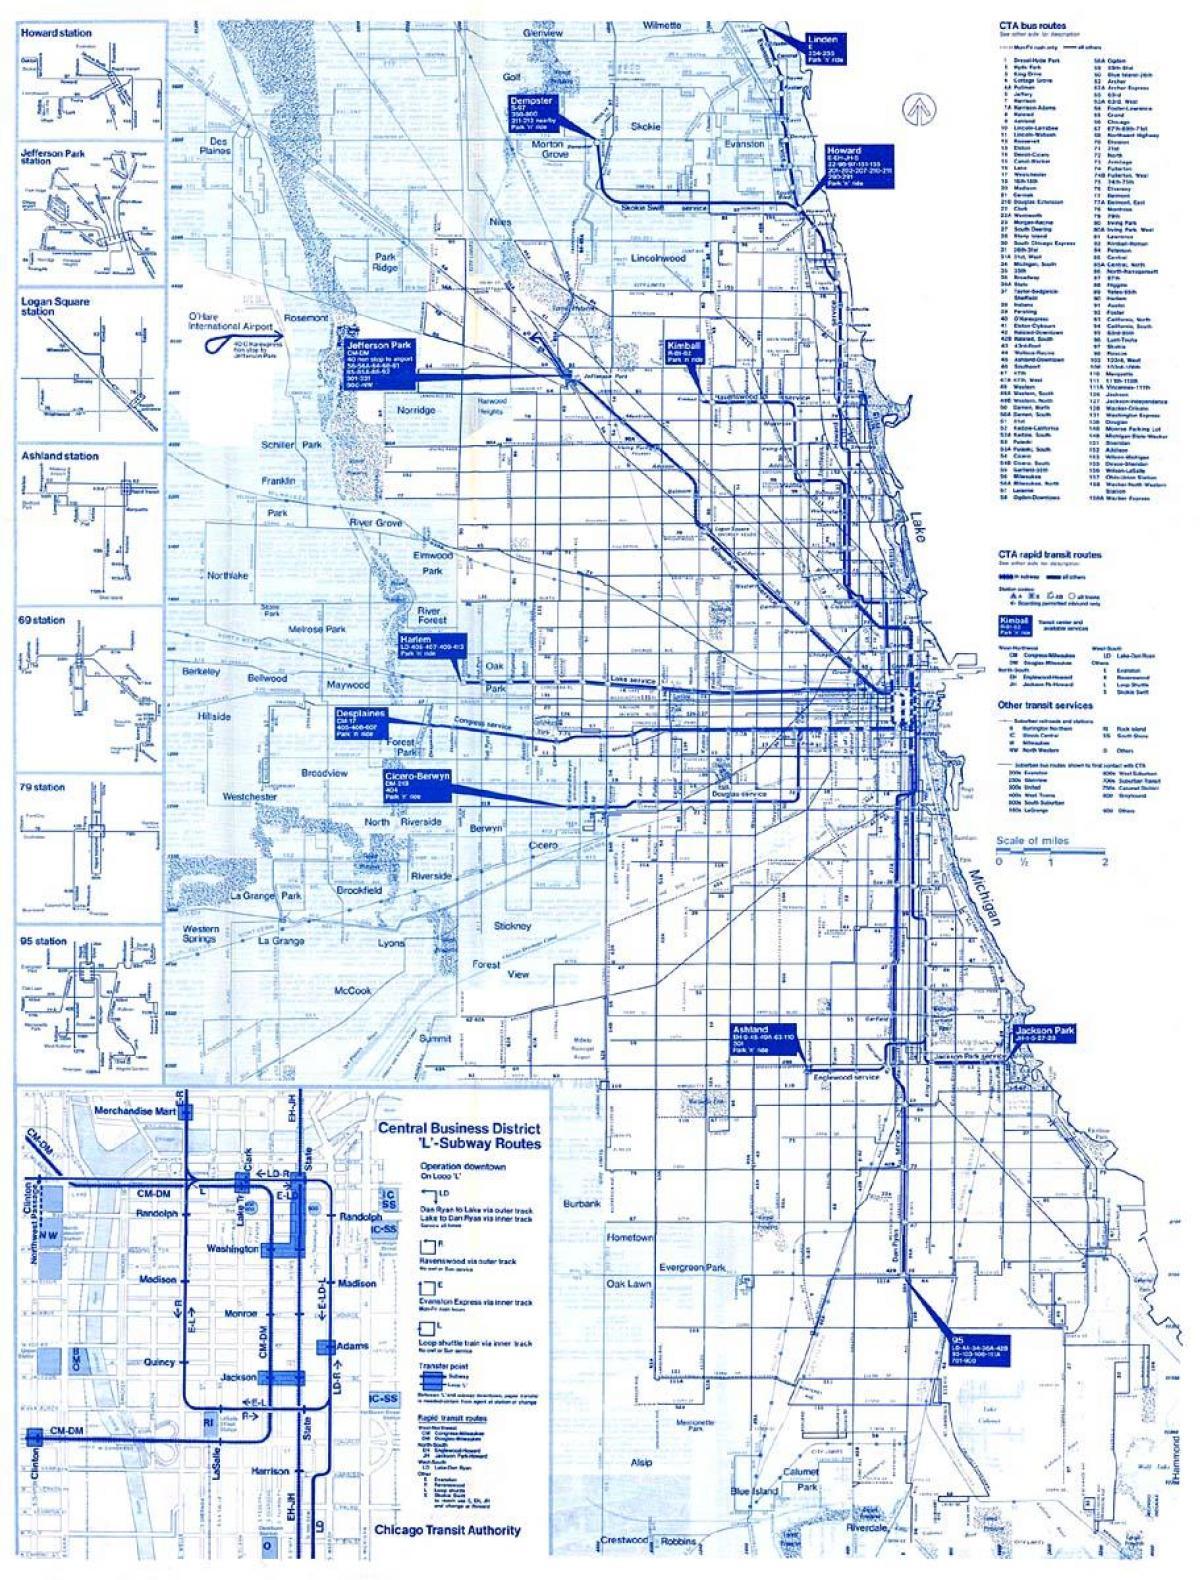 Cta-bus Karte - Cta bus route map (Vereinigte Staaten von Amerika) on